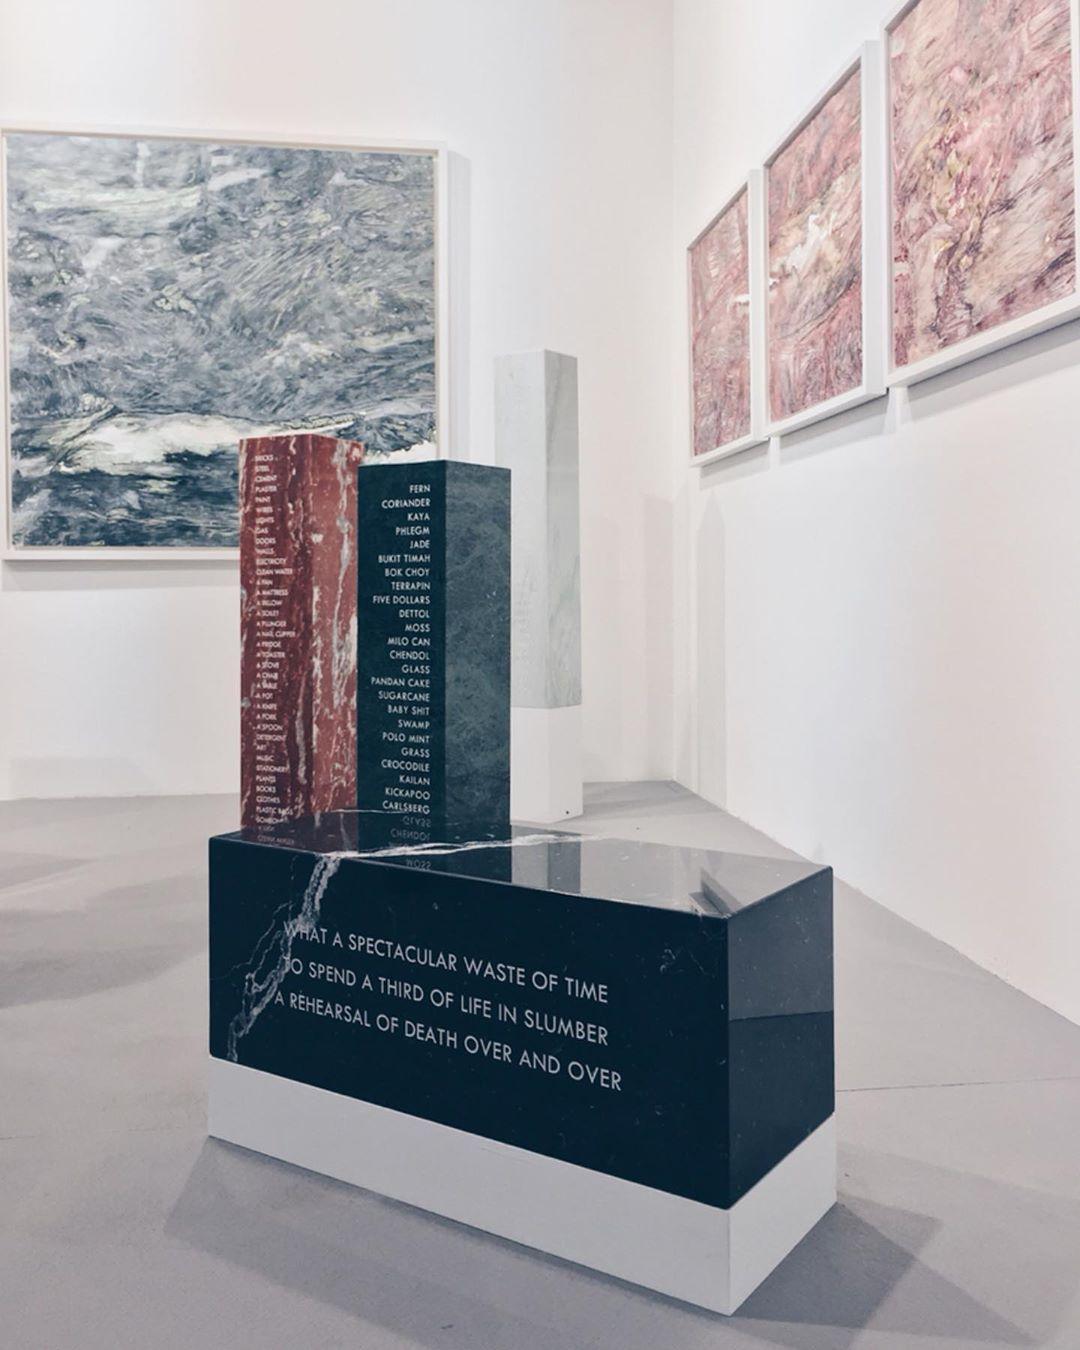 Sullivan + Strumpf art gallery